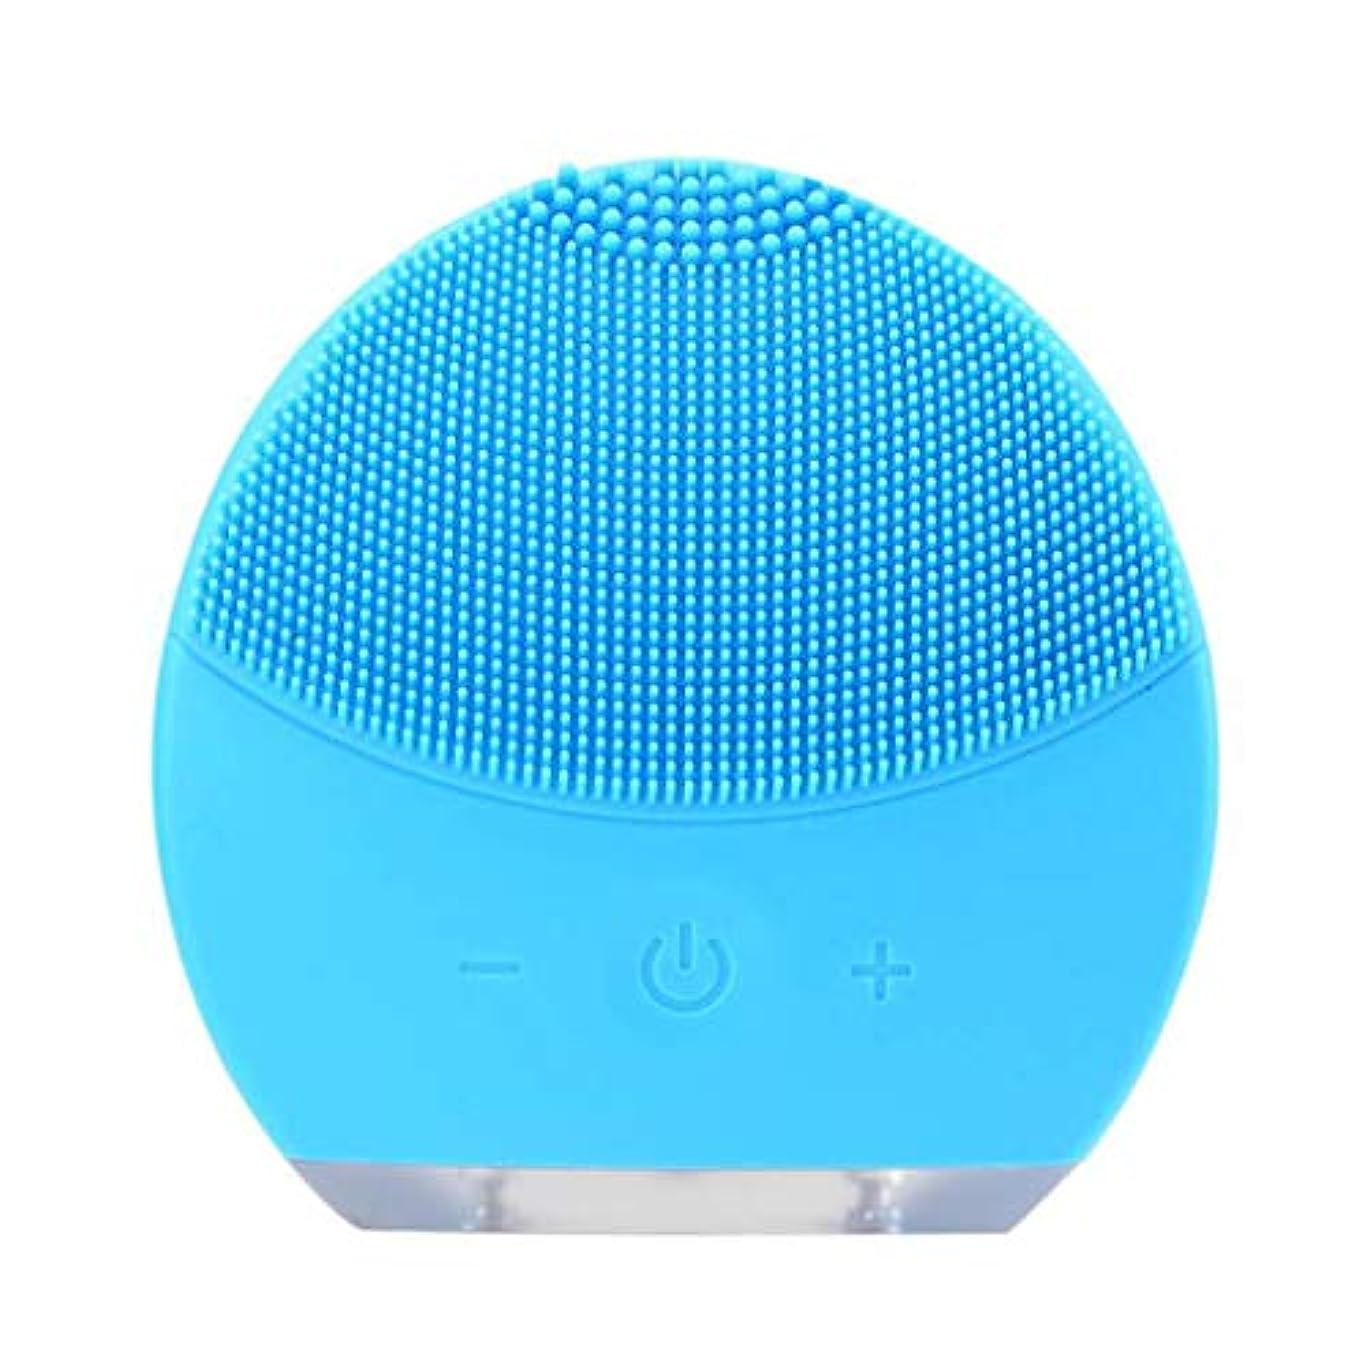 授業料揮発性パニック超音波振動美容機器洗浄器、皮膚の毛穴を最小限に抑えるマイクロダーマブレーション毛穴、USB 充電と防水,Blue